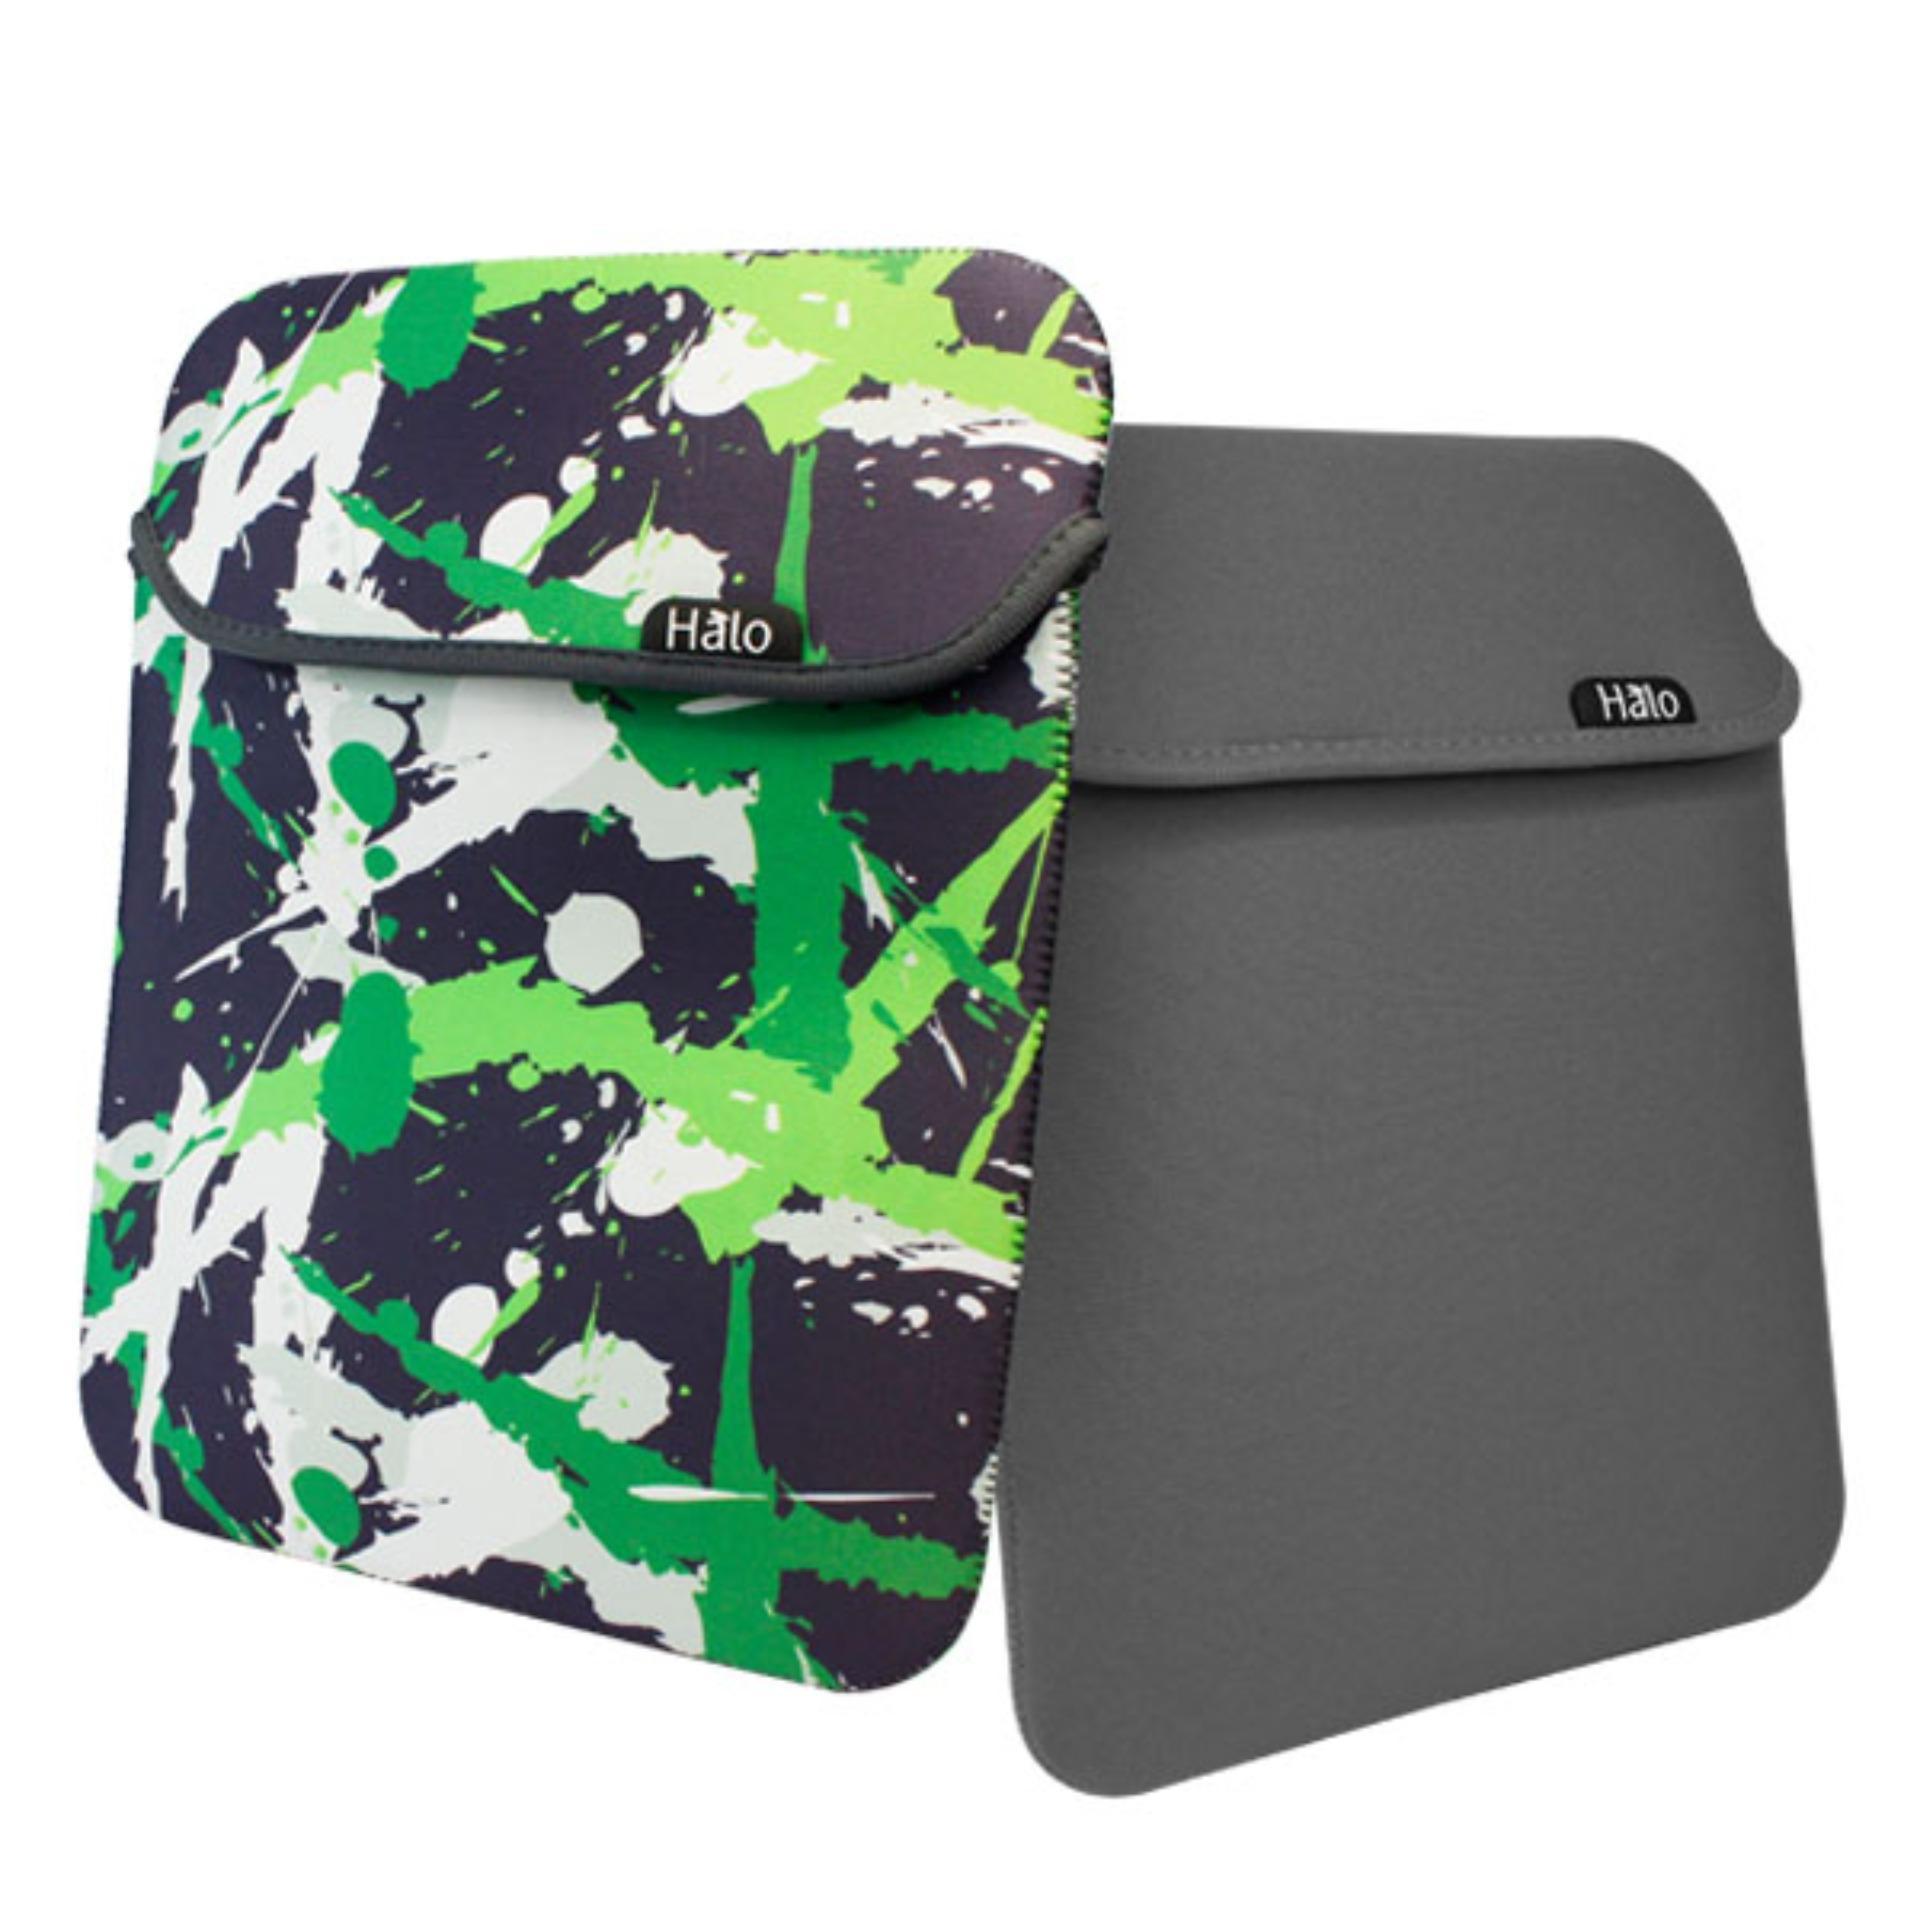 Halo Philippines Price List Backpack Shoulder Bag Laptop Supreme Cellular Multipurpose Cases